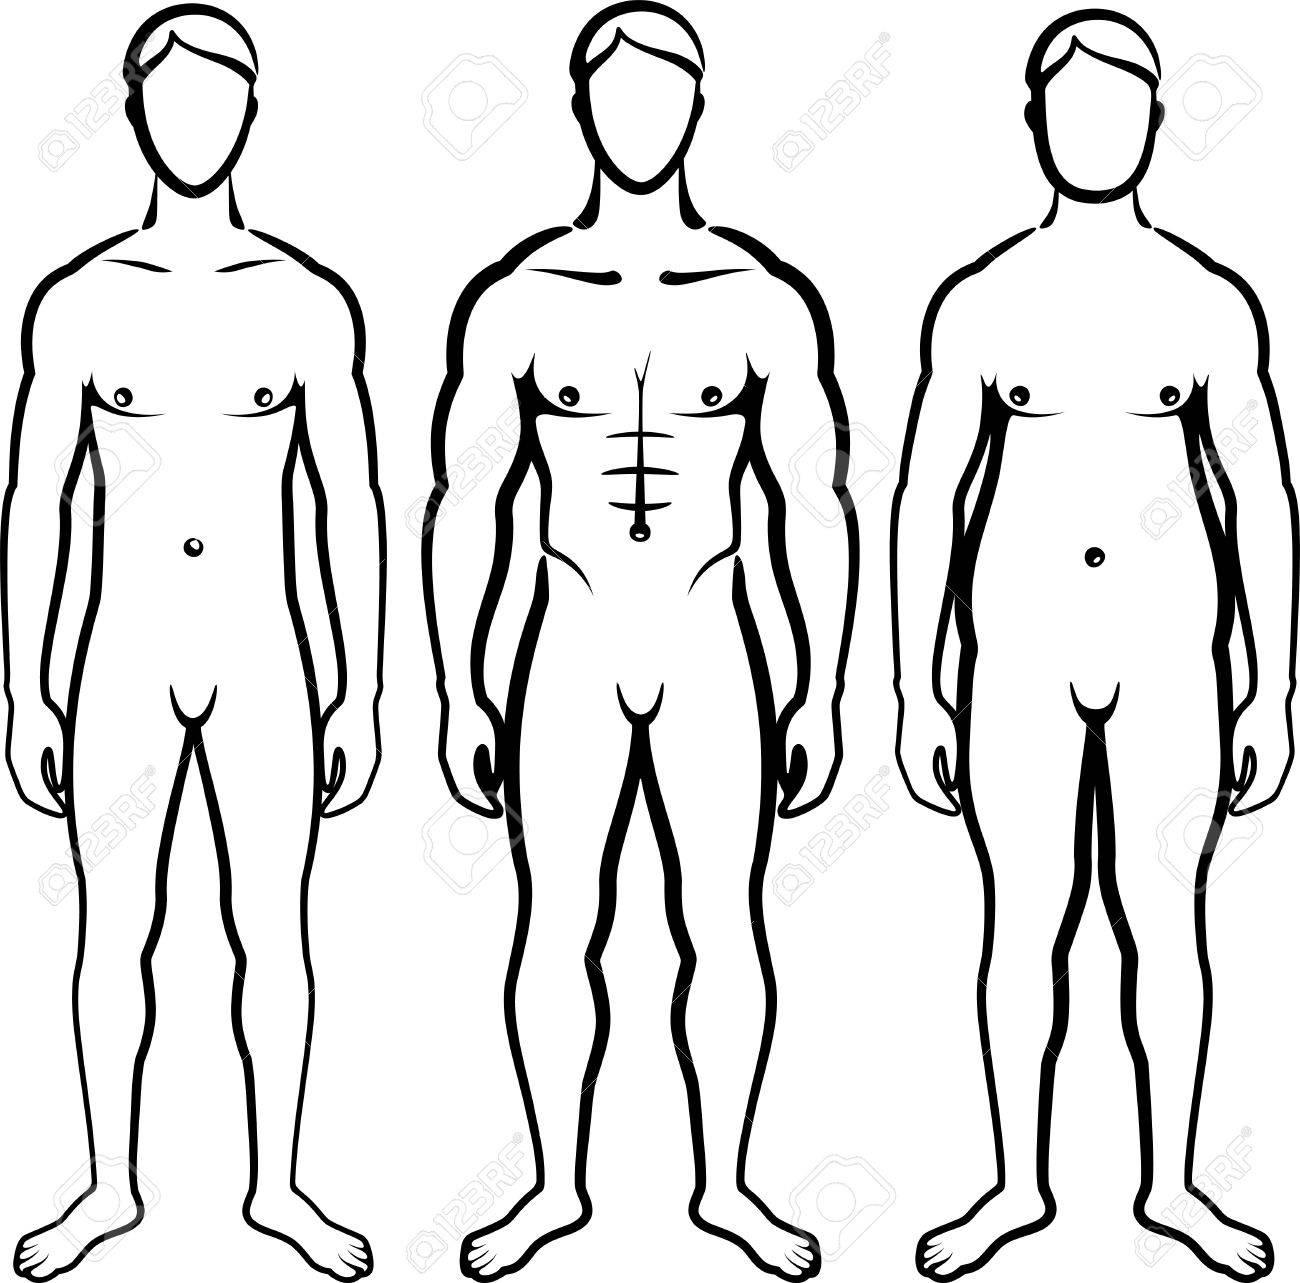 set of men body types Stock Vector - 9717845